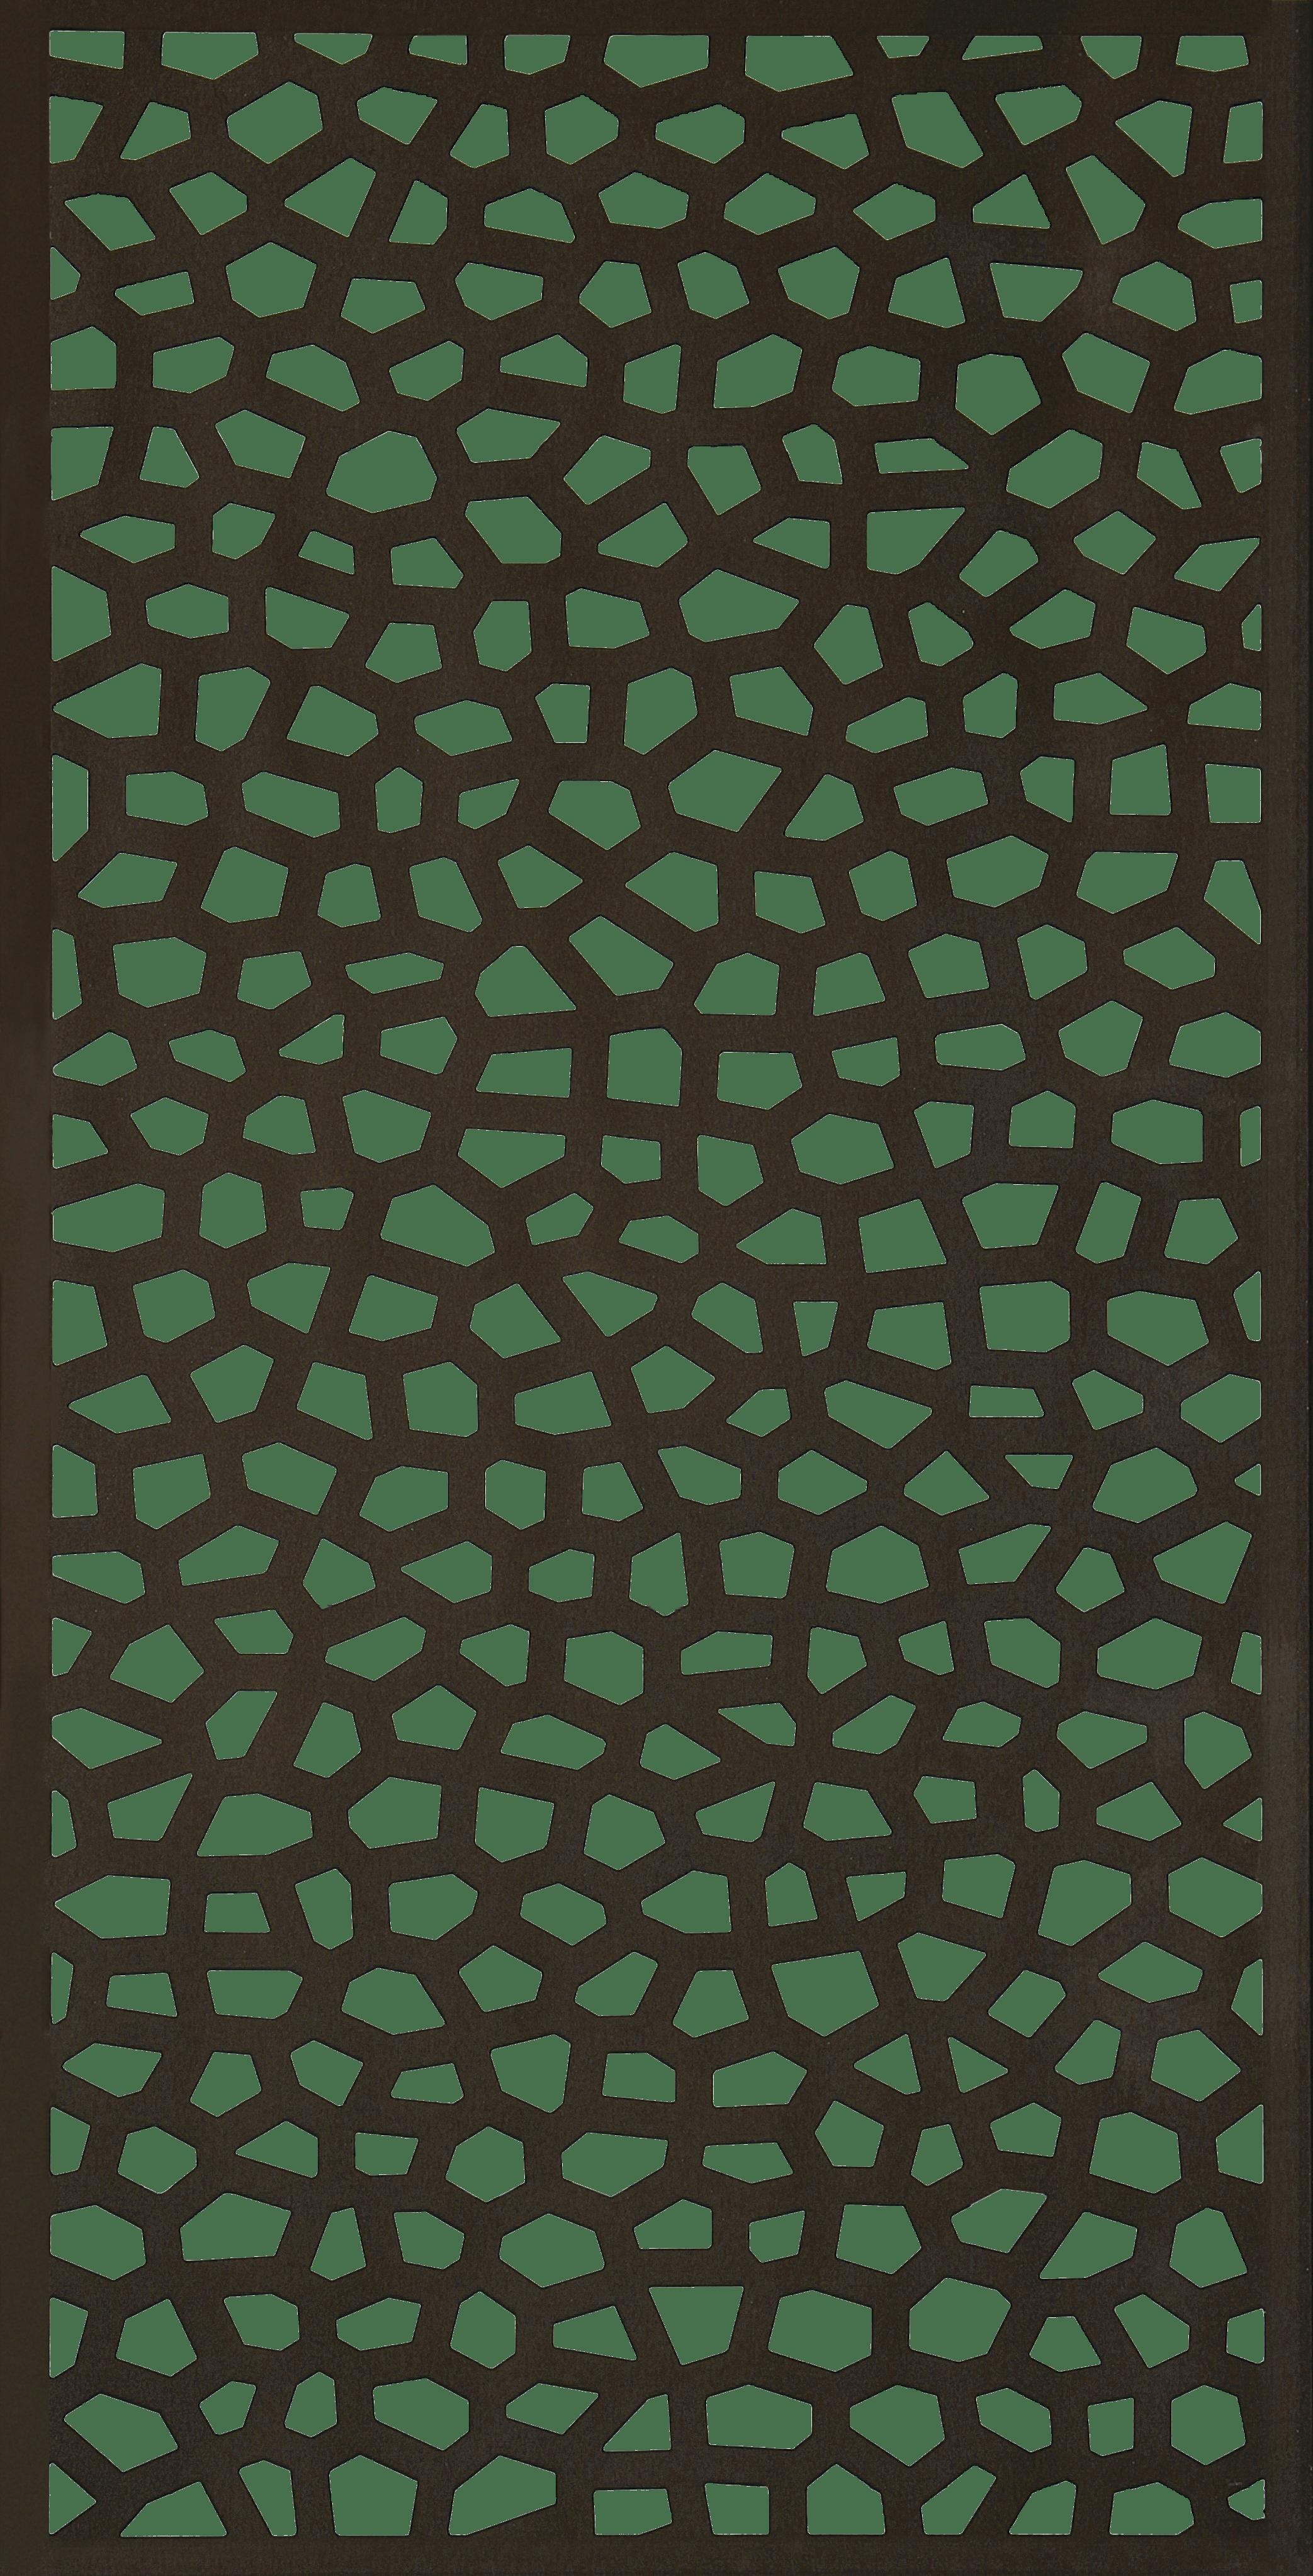 Grigliati In Plastica Per Giardino.Traliccio Fisso In Pvc Mosaic L 100 X H 200 Cm Sp 5 Mm